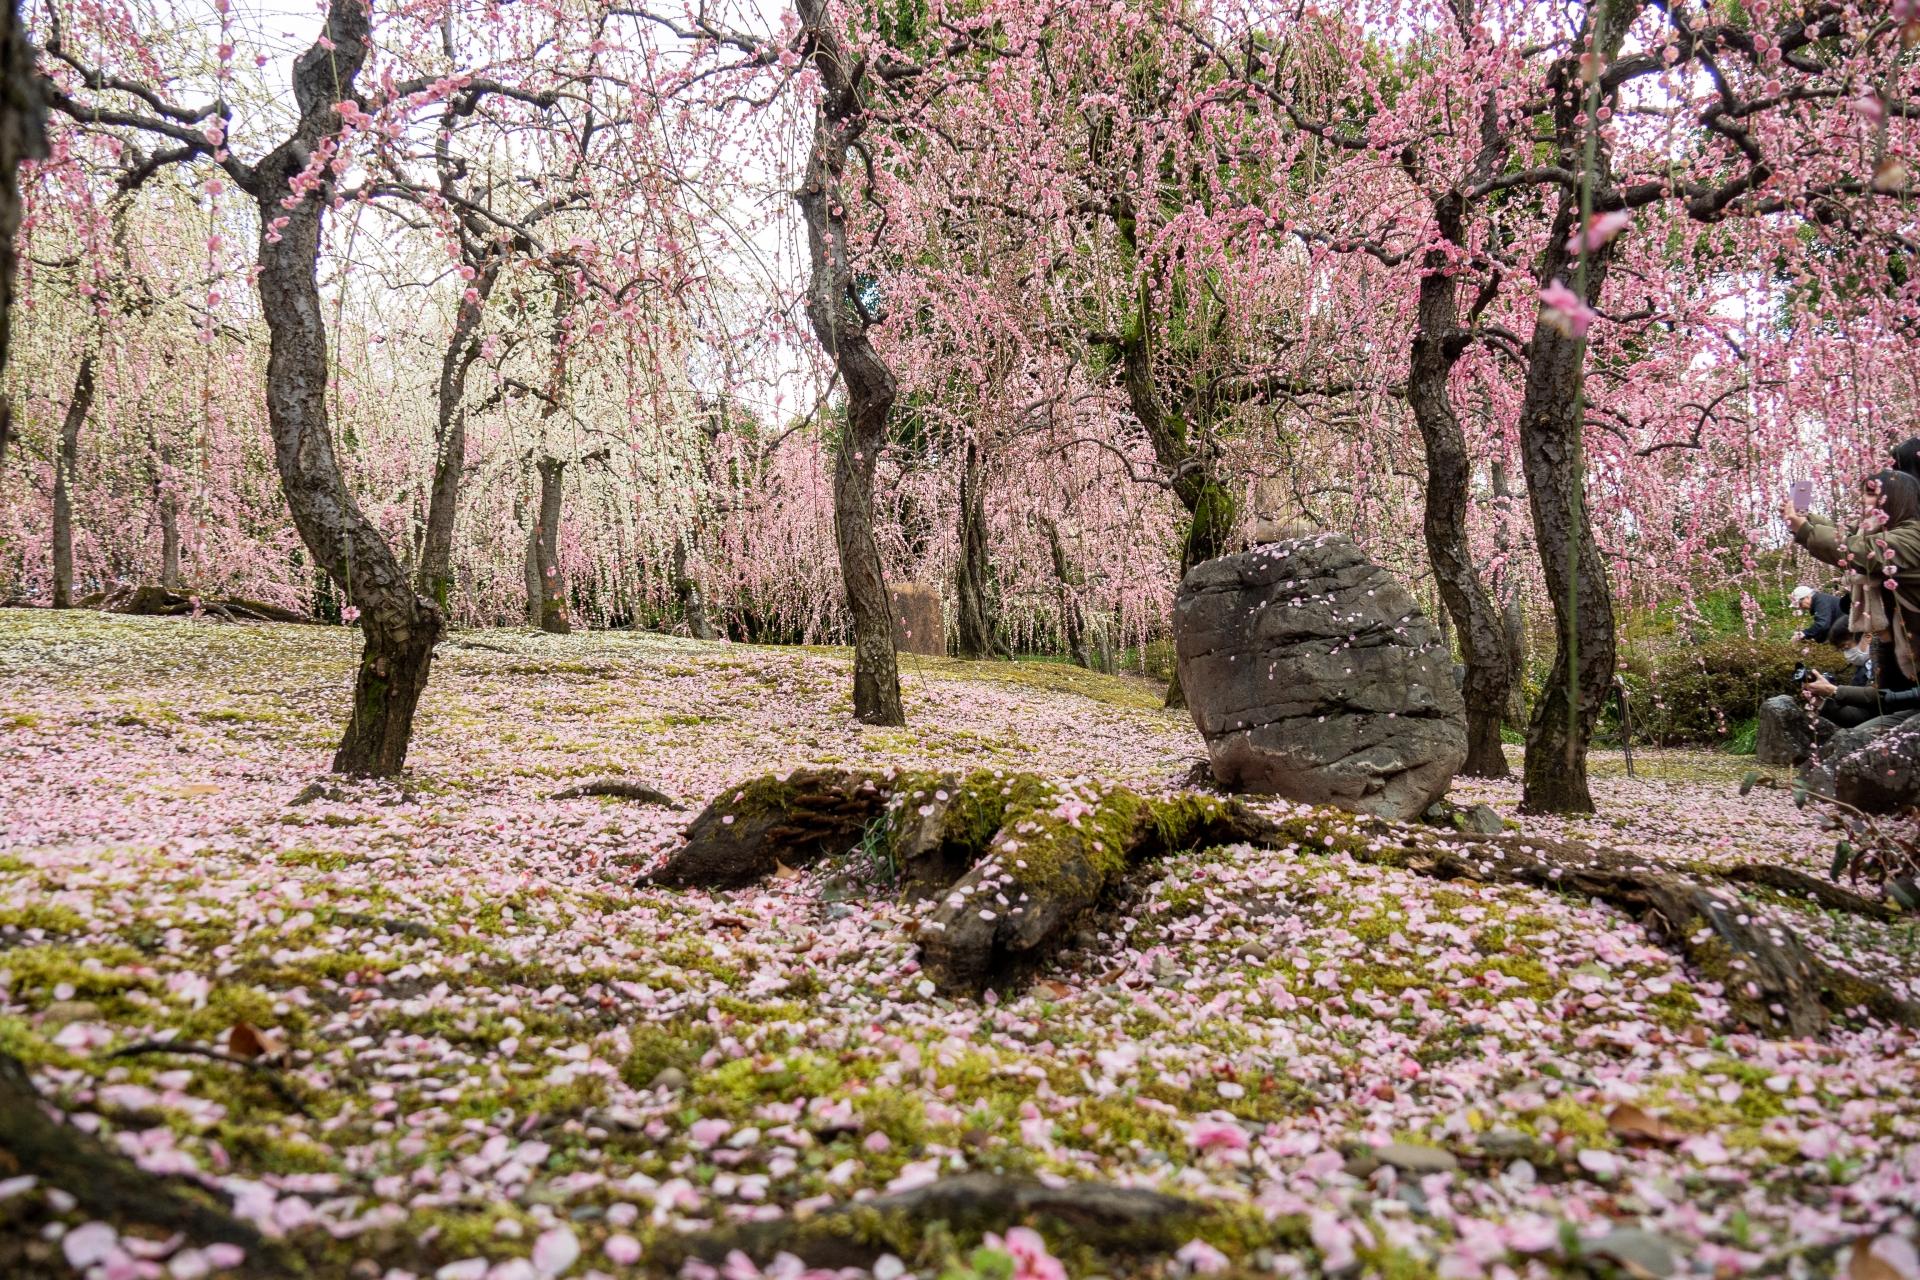 3224206_m 京都 城南宮(庭園に咲く150本の枝垂梅が絶景の写真スポット! 撮影した写真の紹介、アクセス情報や交通手段・駐車場情報などまとめ)